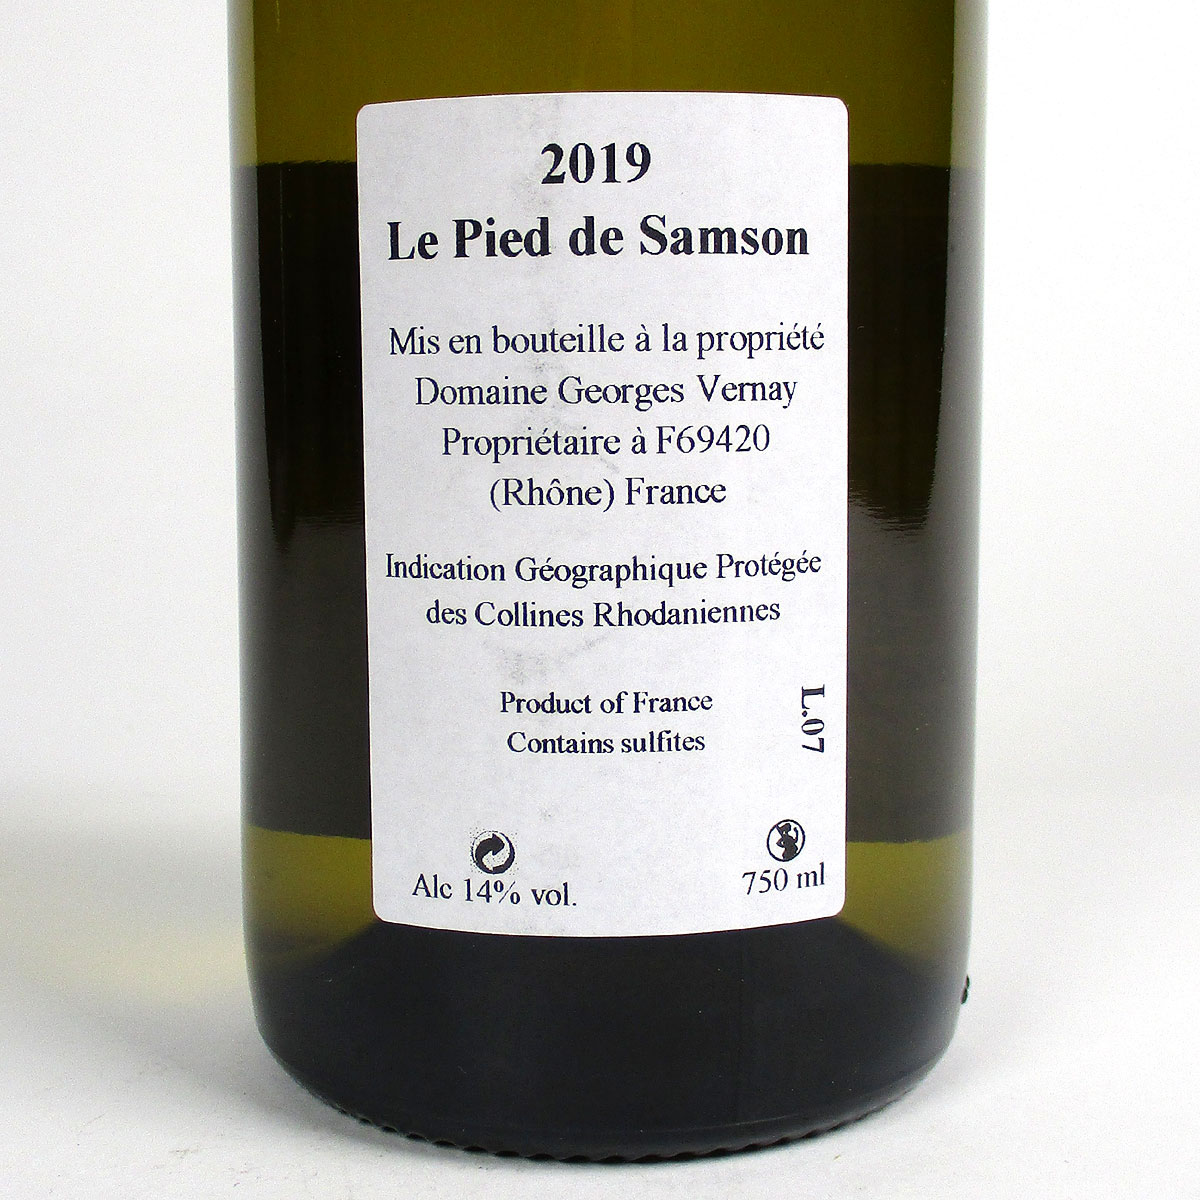 Bottle Rear Label